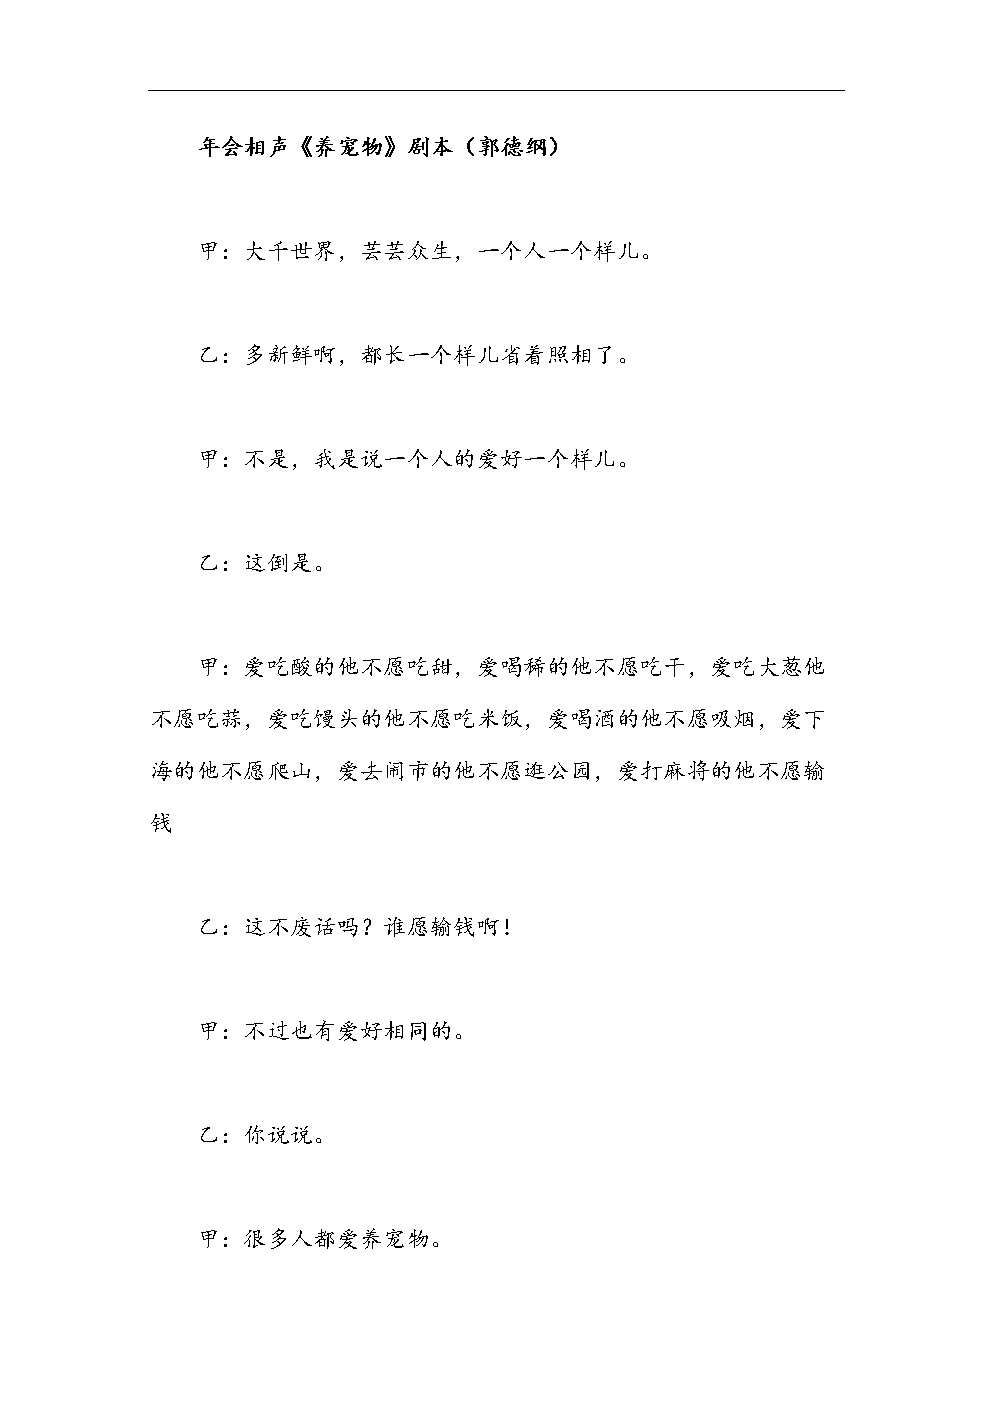 2017年会晚会活动相声《养宠物》搞笑剧本(郭德纲)-.docx